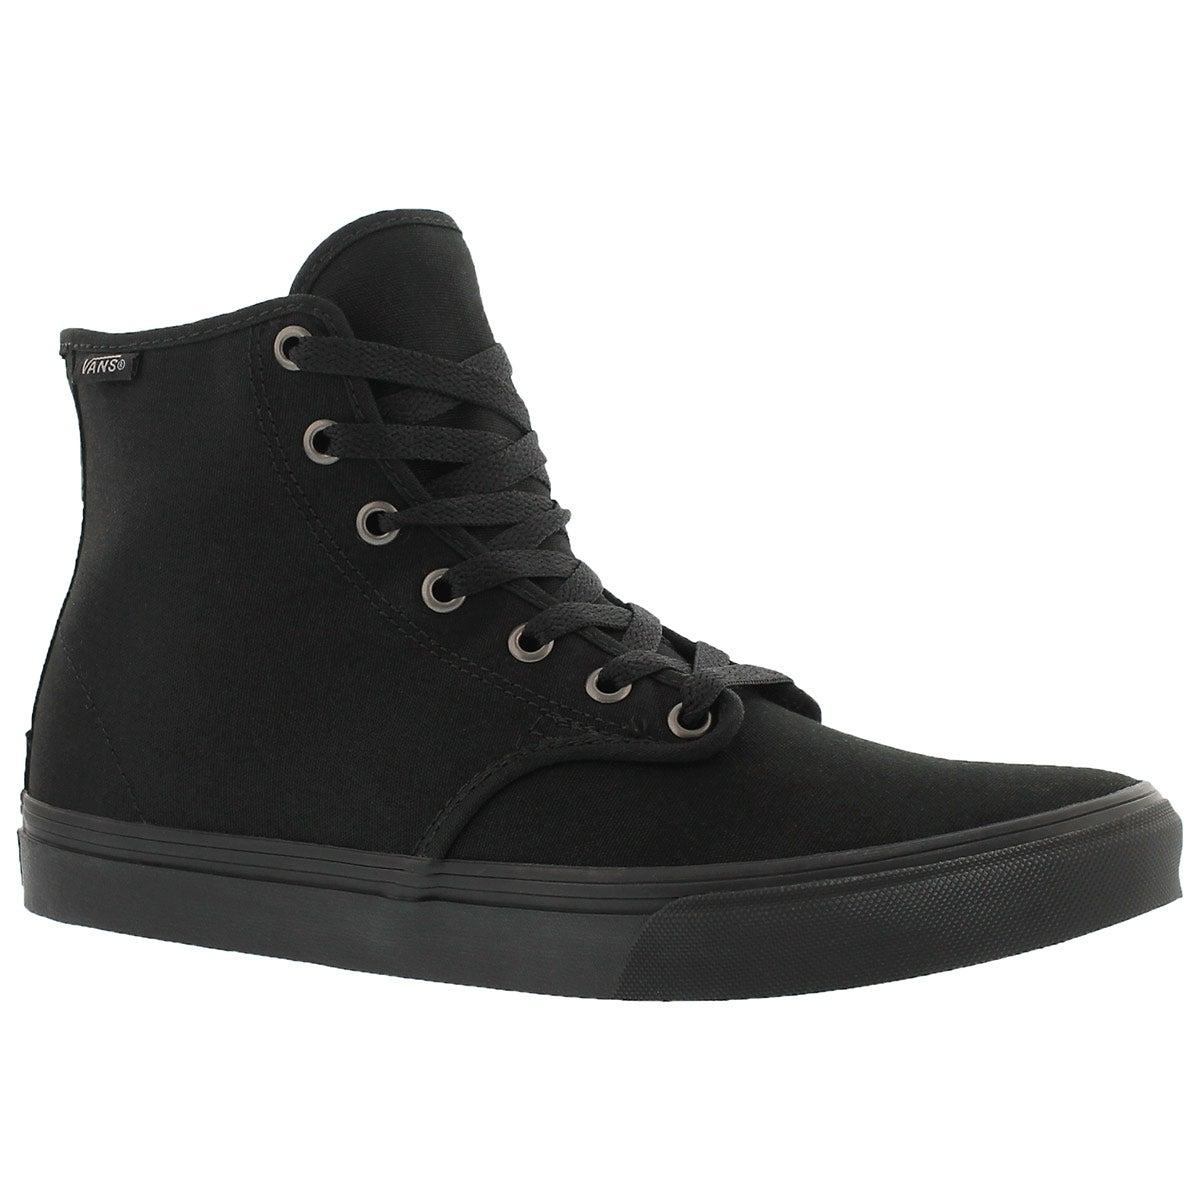 Women's CAMDEN HI ZIP black lace up sneakers